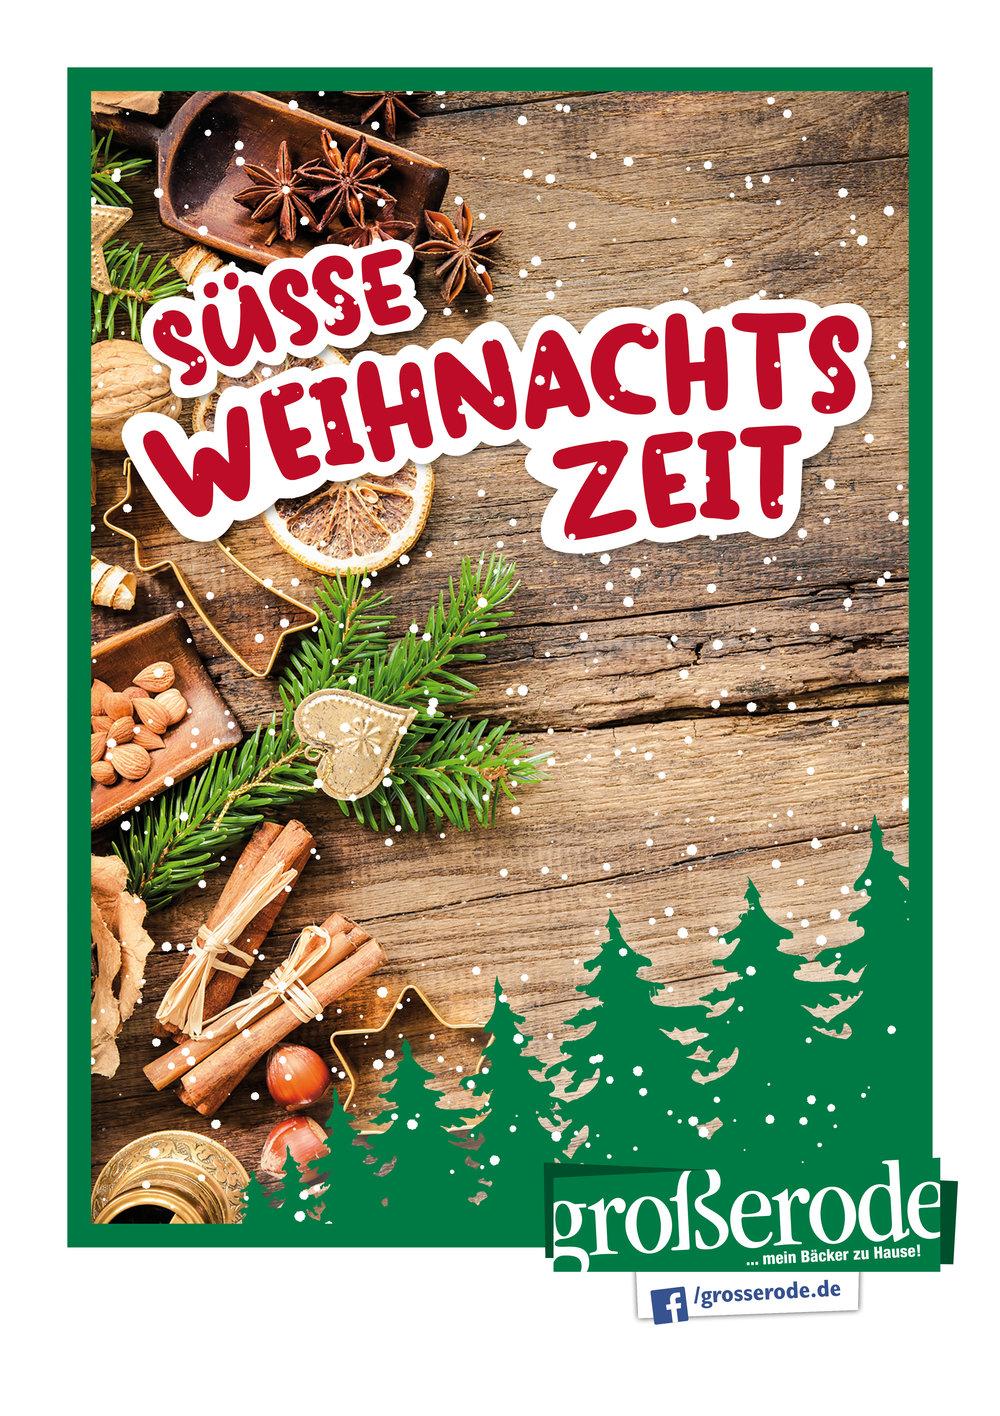 20171120_Grosserode_Weihnachten_Web.jpg